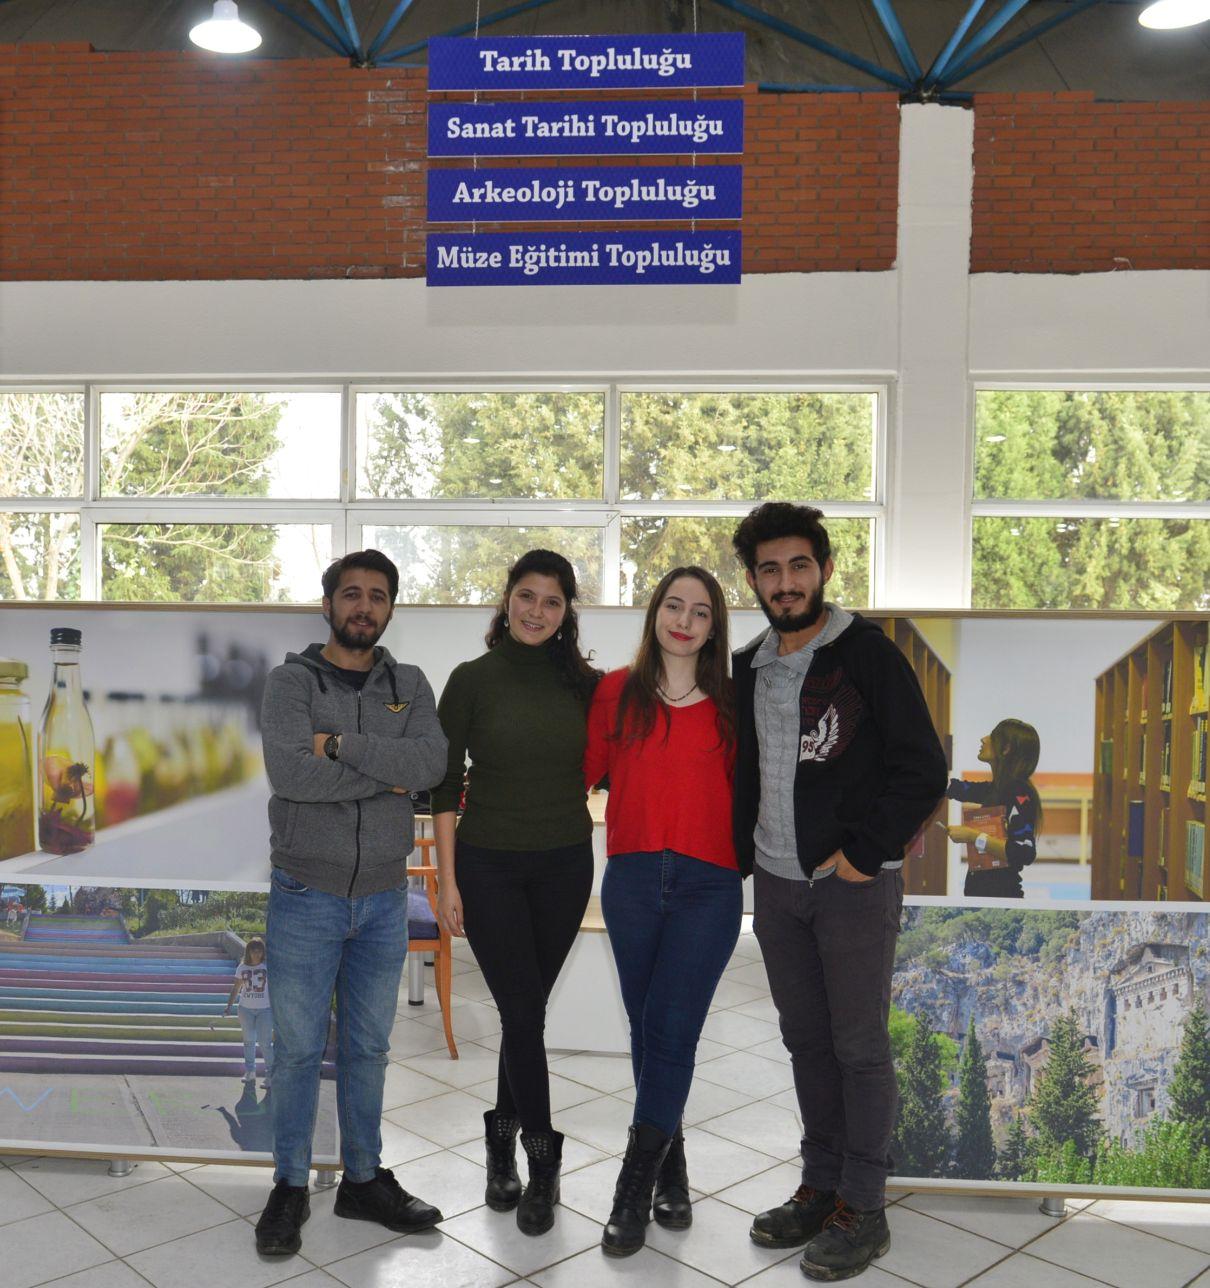 Mavi Çatı Öğrenci Toplulukları Merkezi Muhteşem Etkinliklerle Açıldı